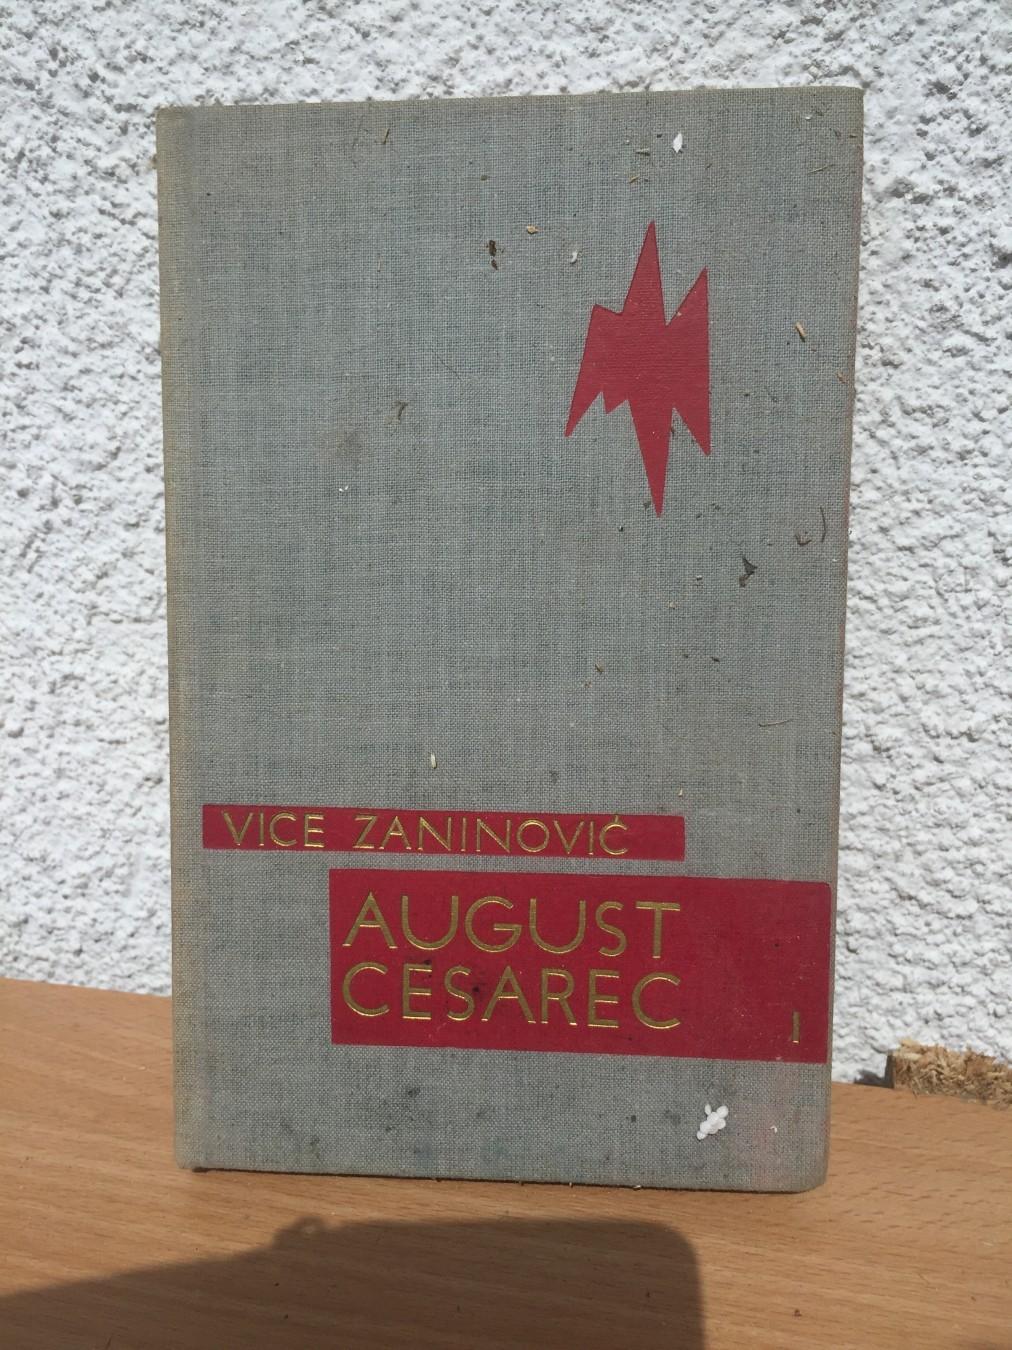 Vice Zaninovic August Cesarec 1 Kupindo Com 61001673